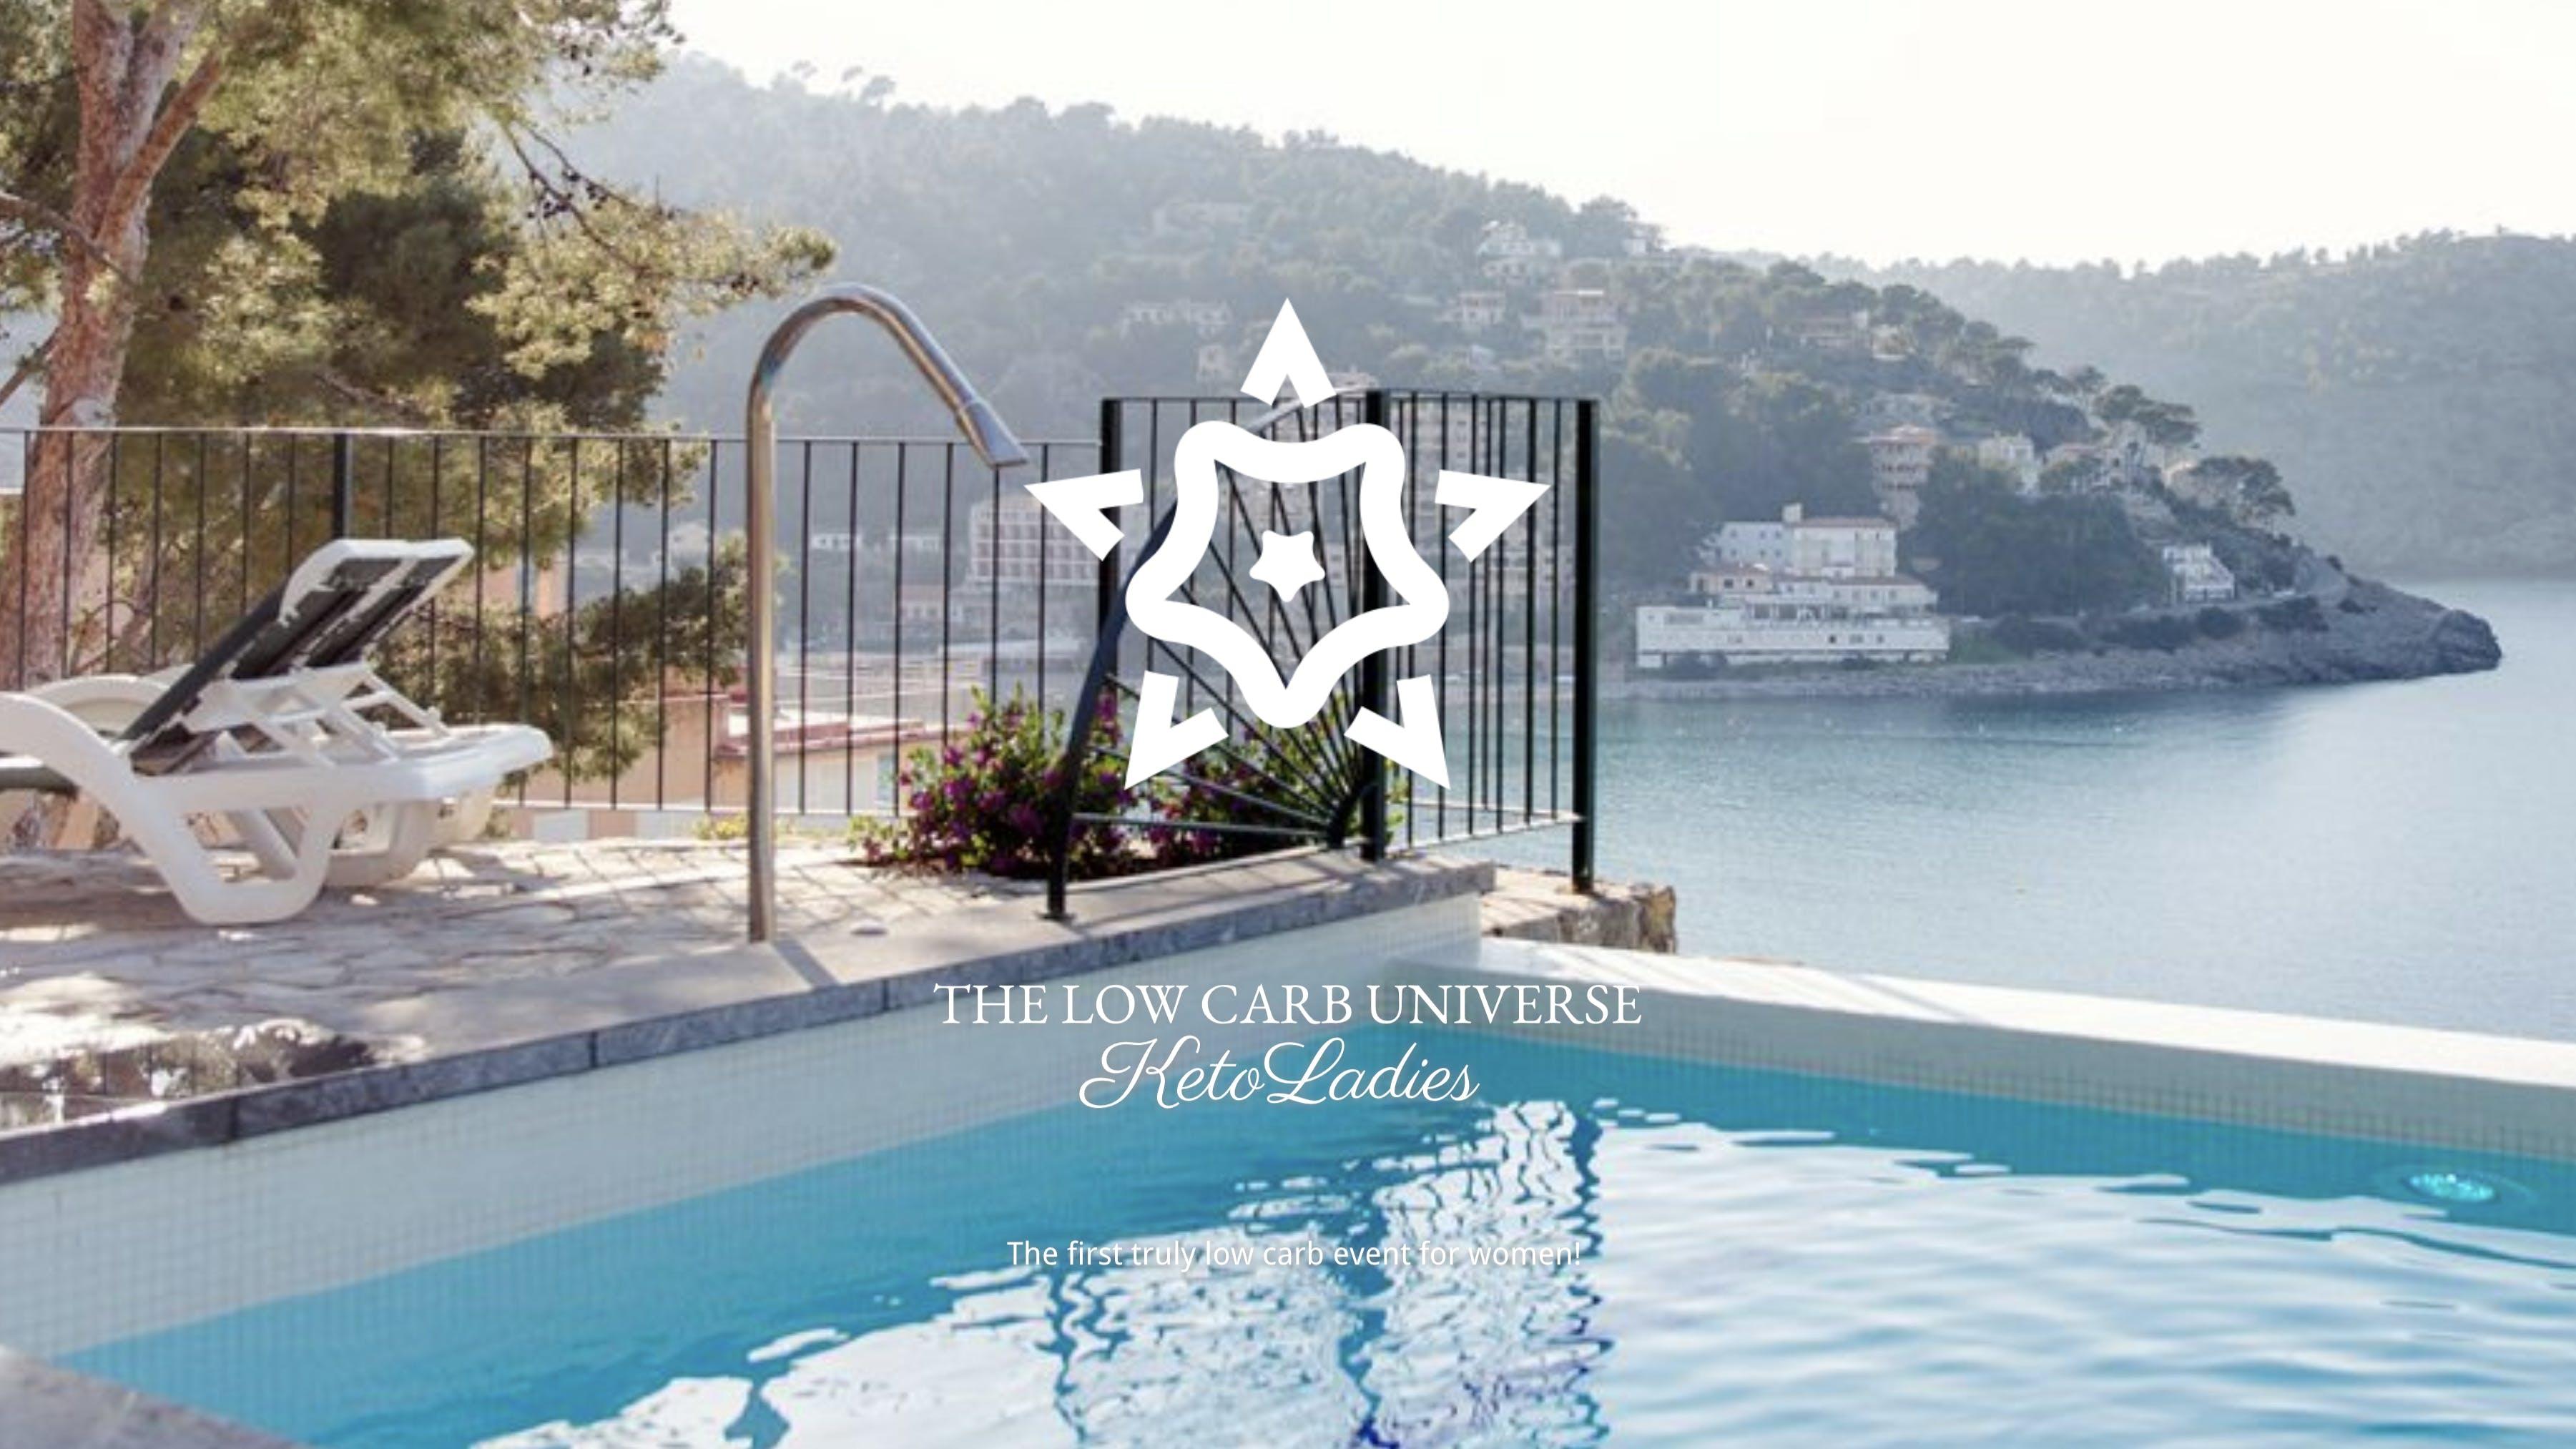 Conferencia en Mallorca:<br> Low carb universe – KetoLadies